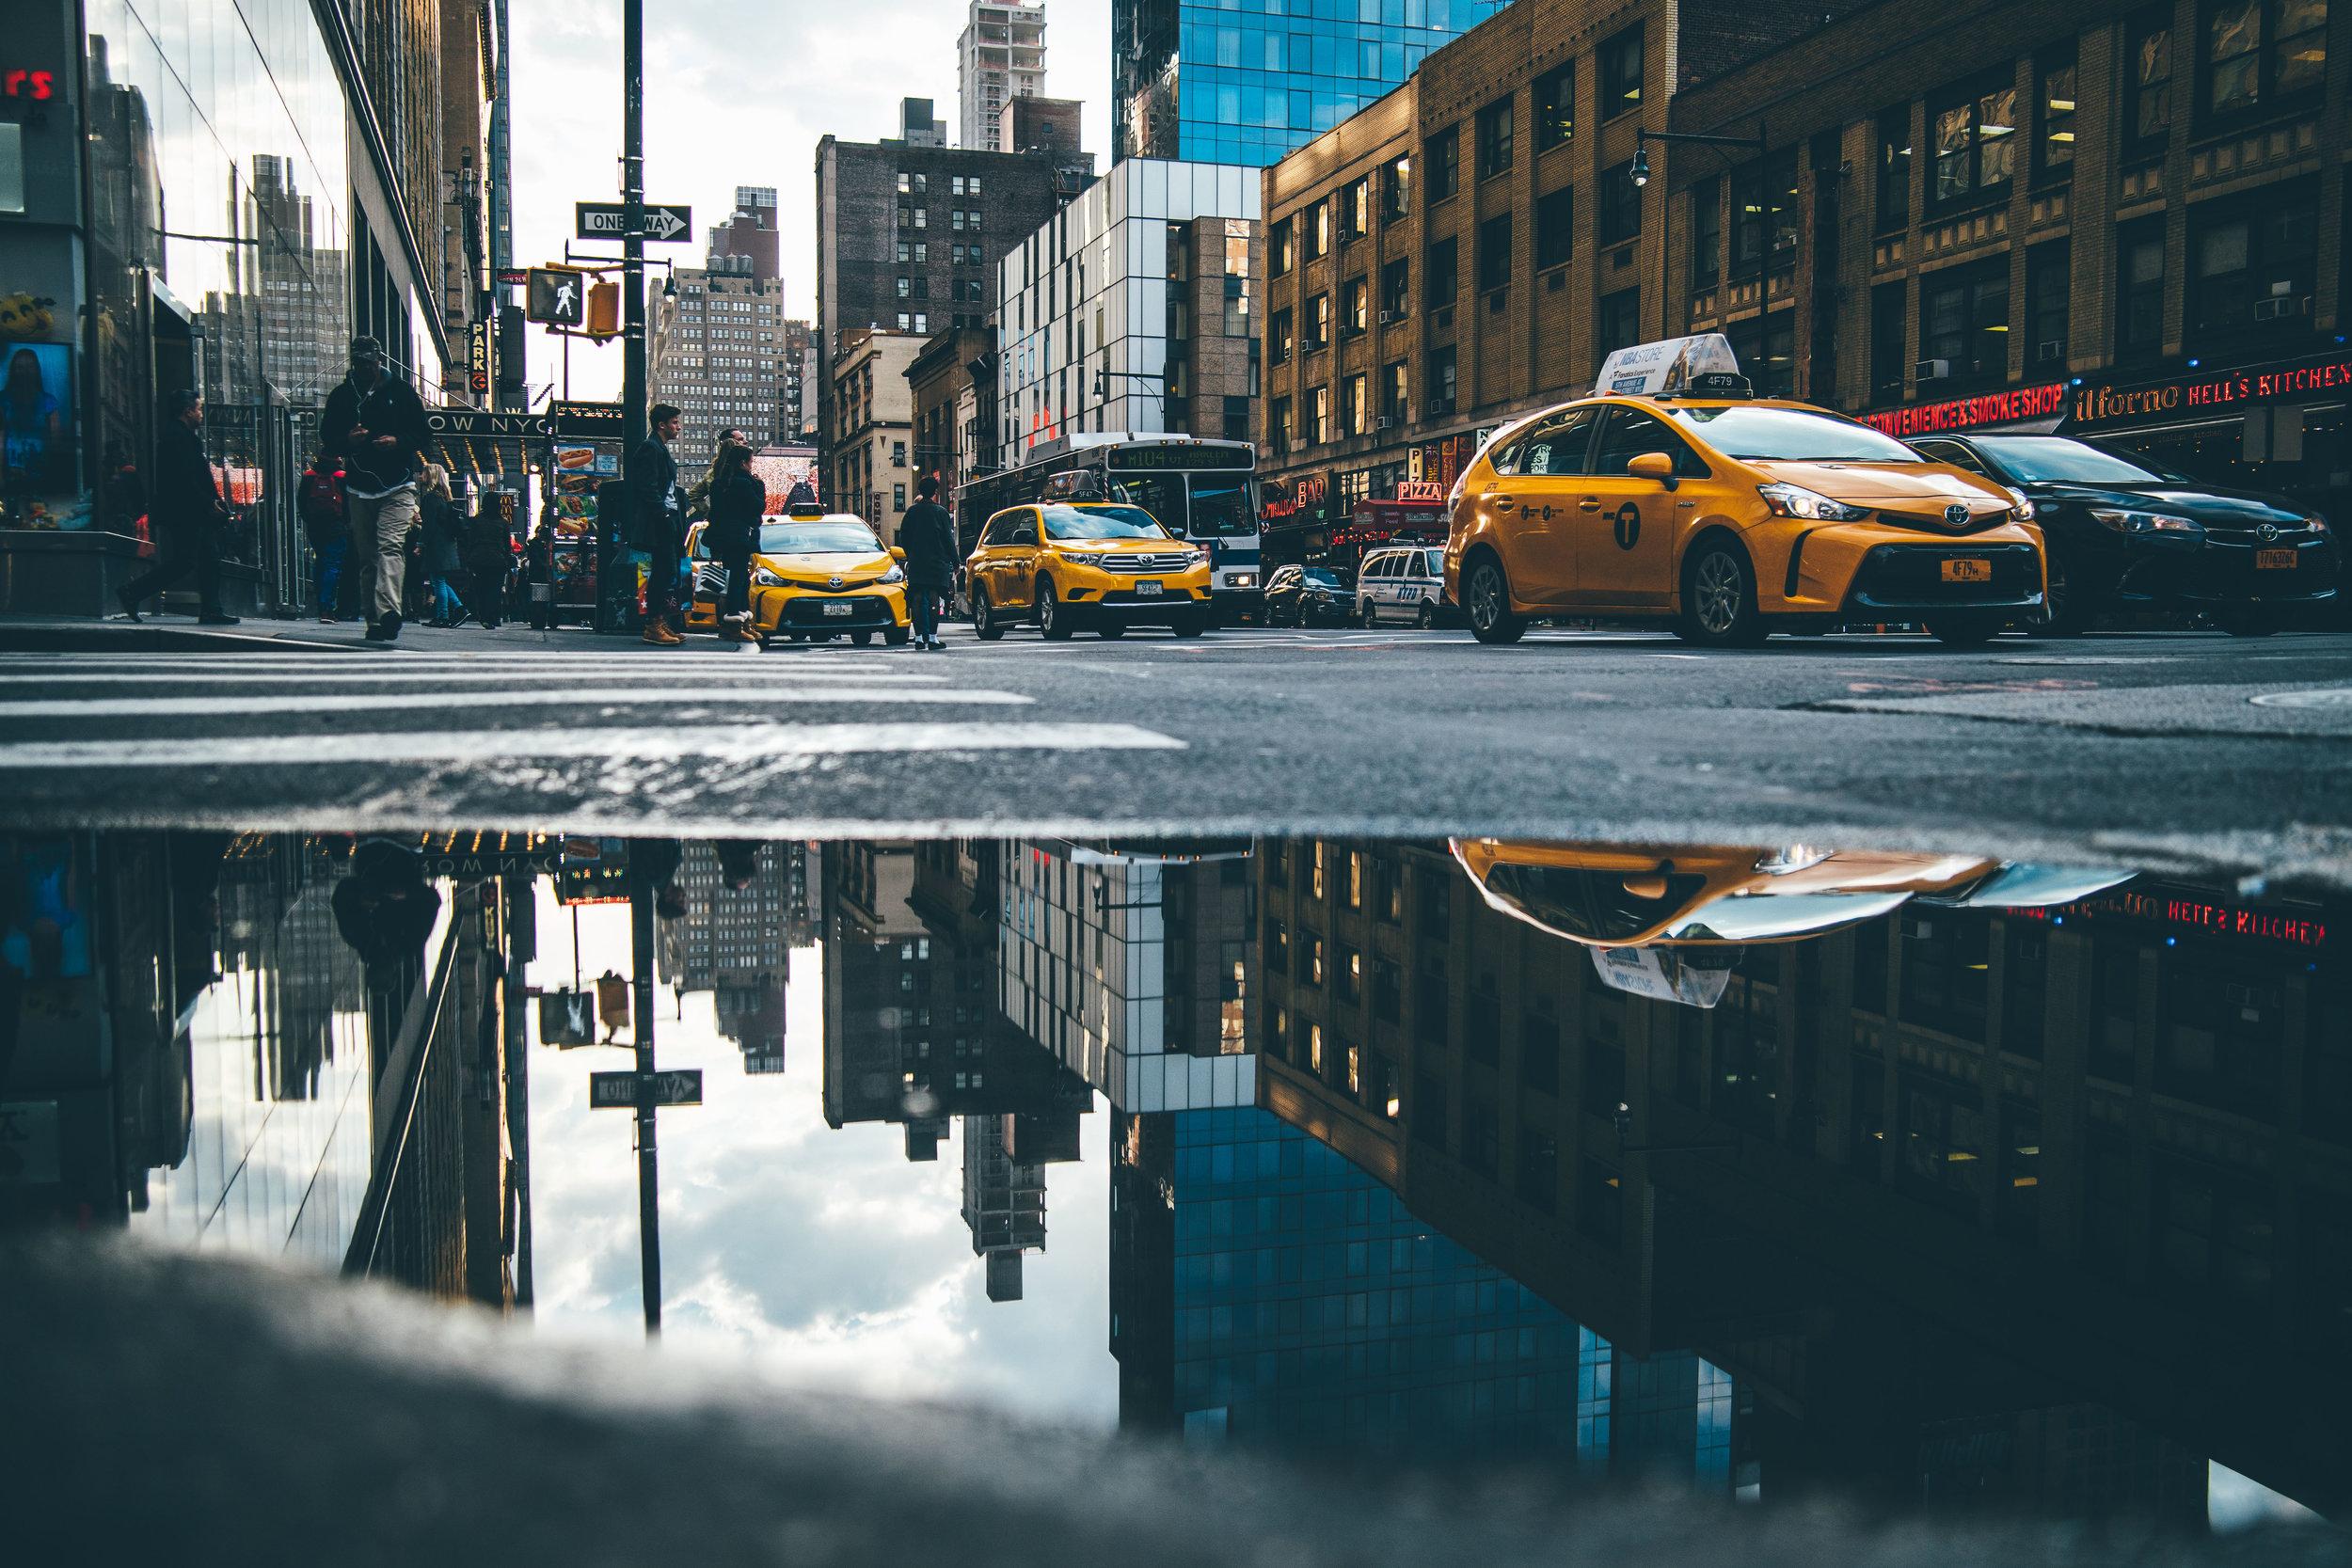 newyork-05138.jpg